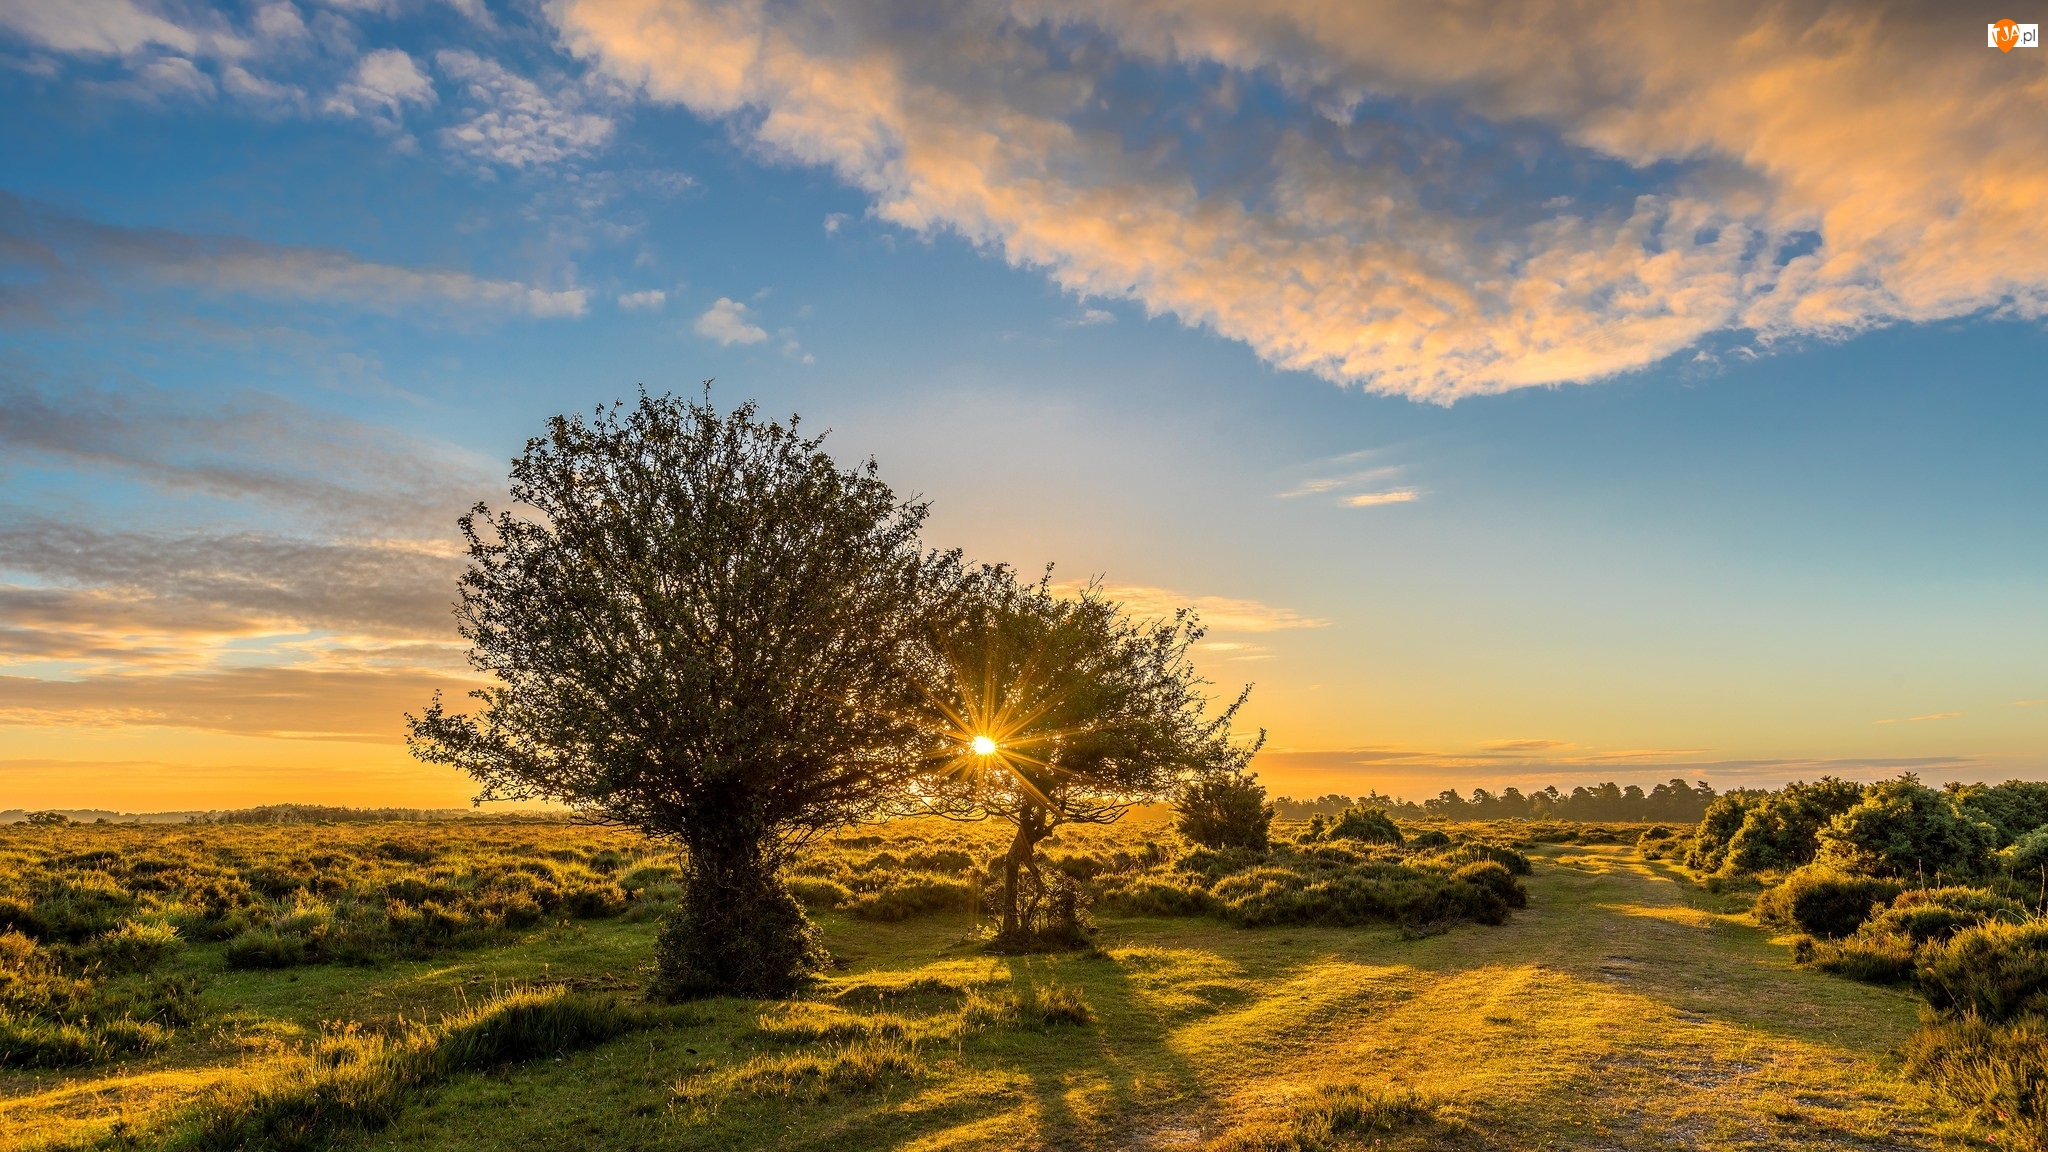 Wschód słońca, Anglia, Łąka, Park Narodowy New Forest, Drzewa